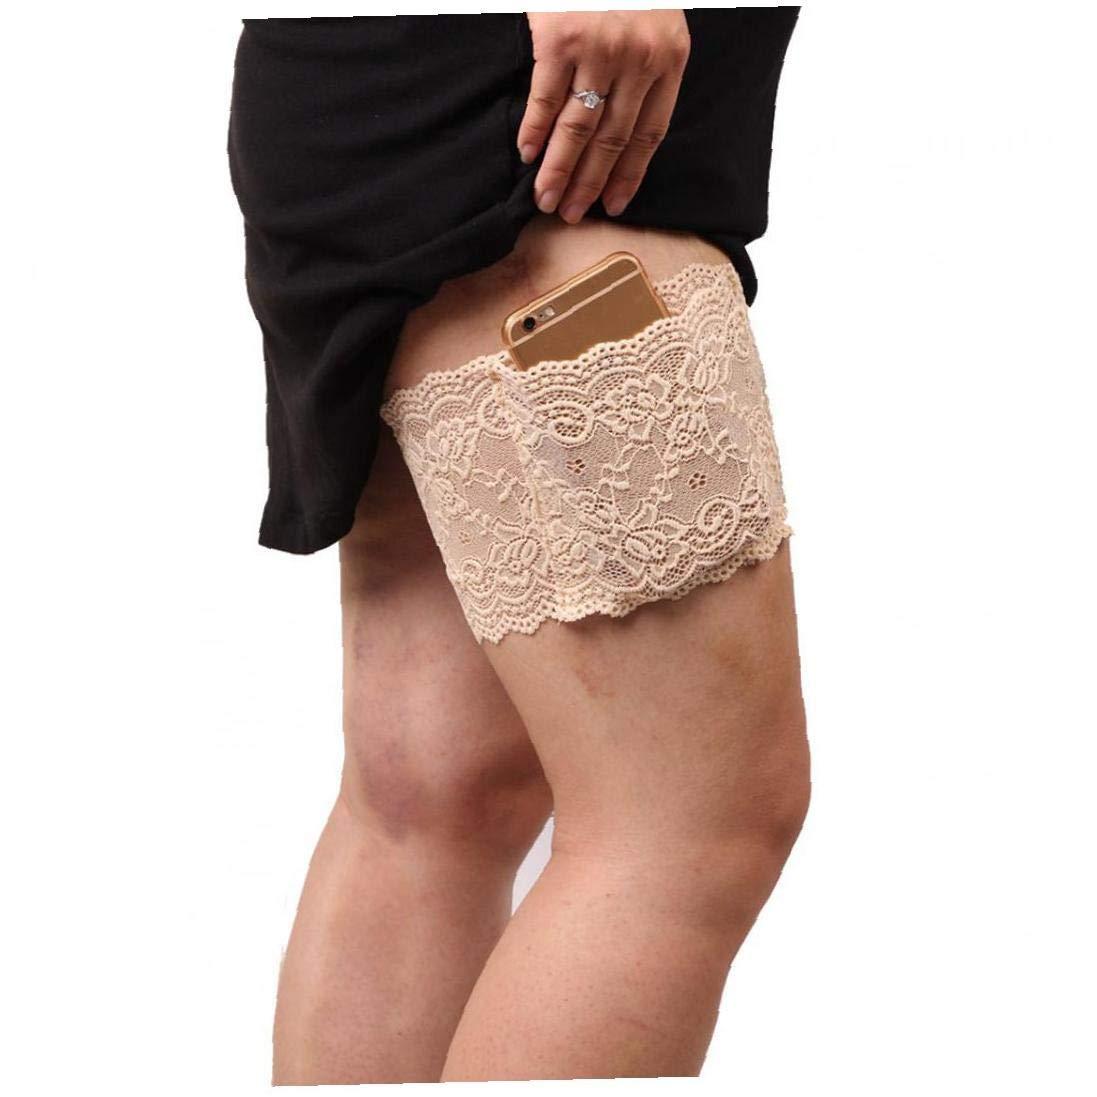 Las Mujeres con Cordones Antideslizante Muslo Liga Monedero Polainas De Seguridad con Bolsillos para Poner El Muslo M/óviles Prevenir Las Rozaduras L